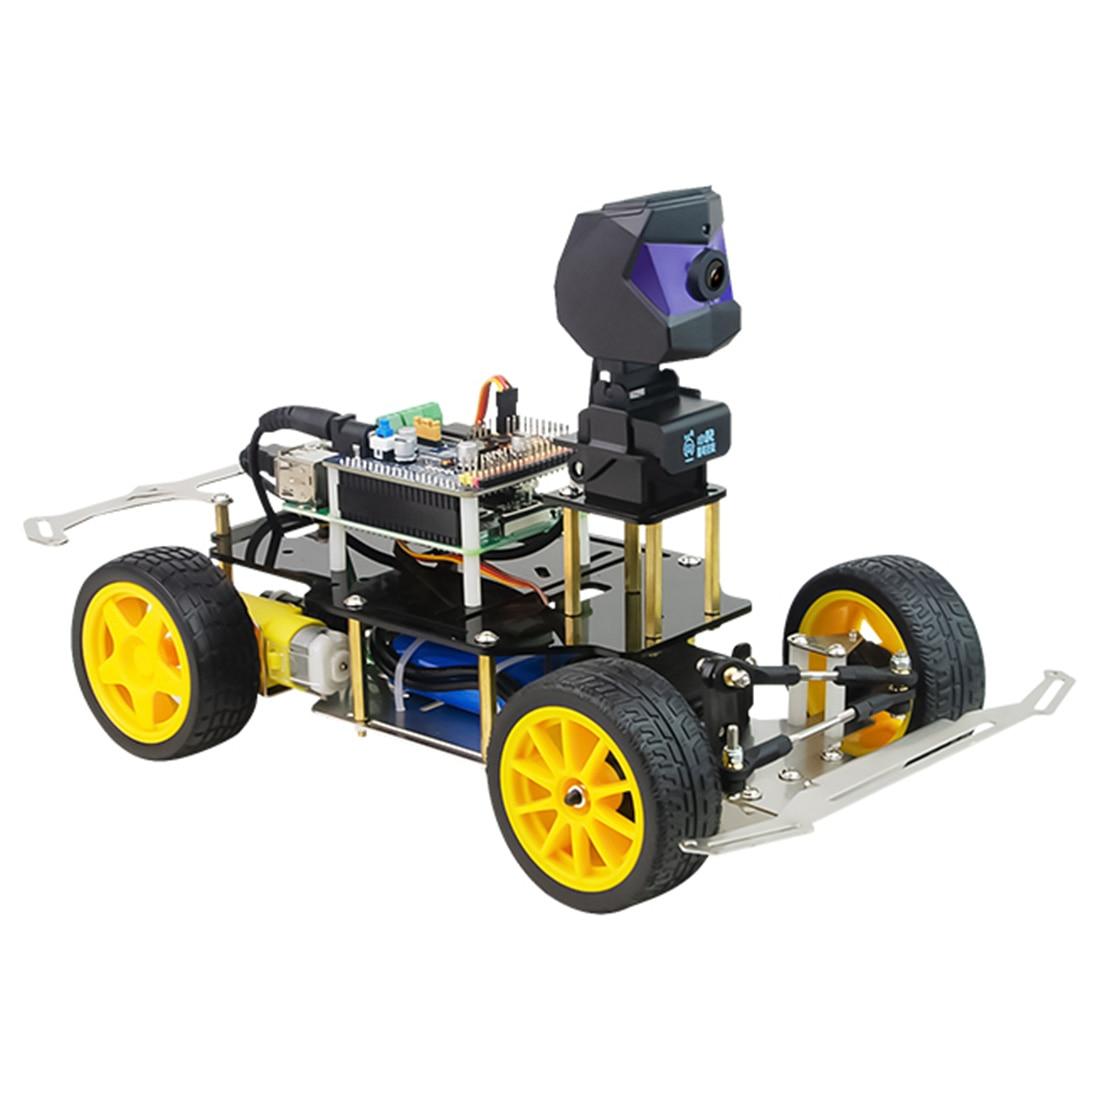 MODIKER High Tech Car Smart AI Line Follower Robot Opensource DIY Self Driving Platform Programmable Toys